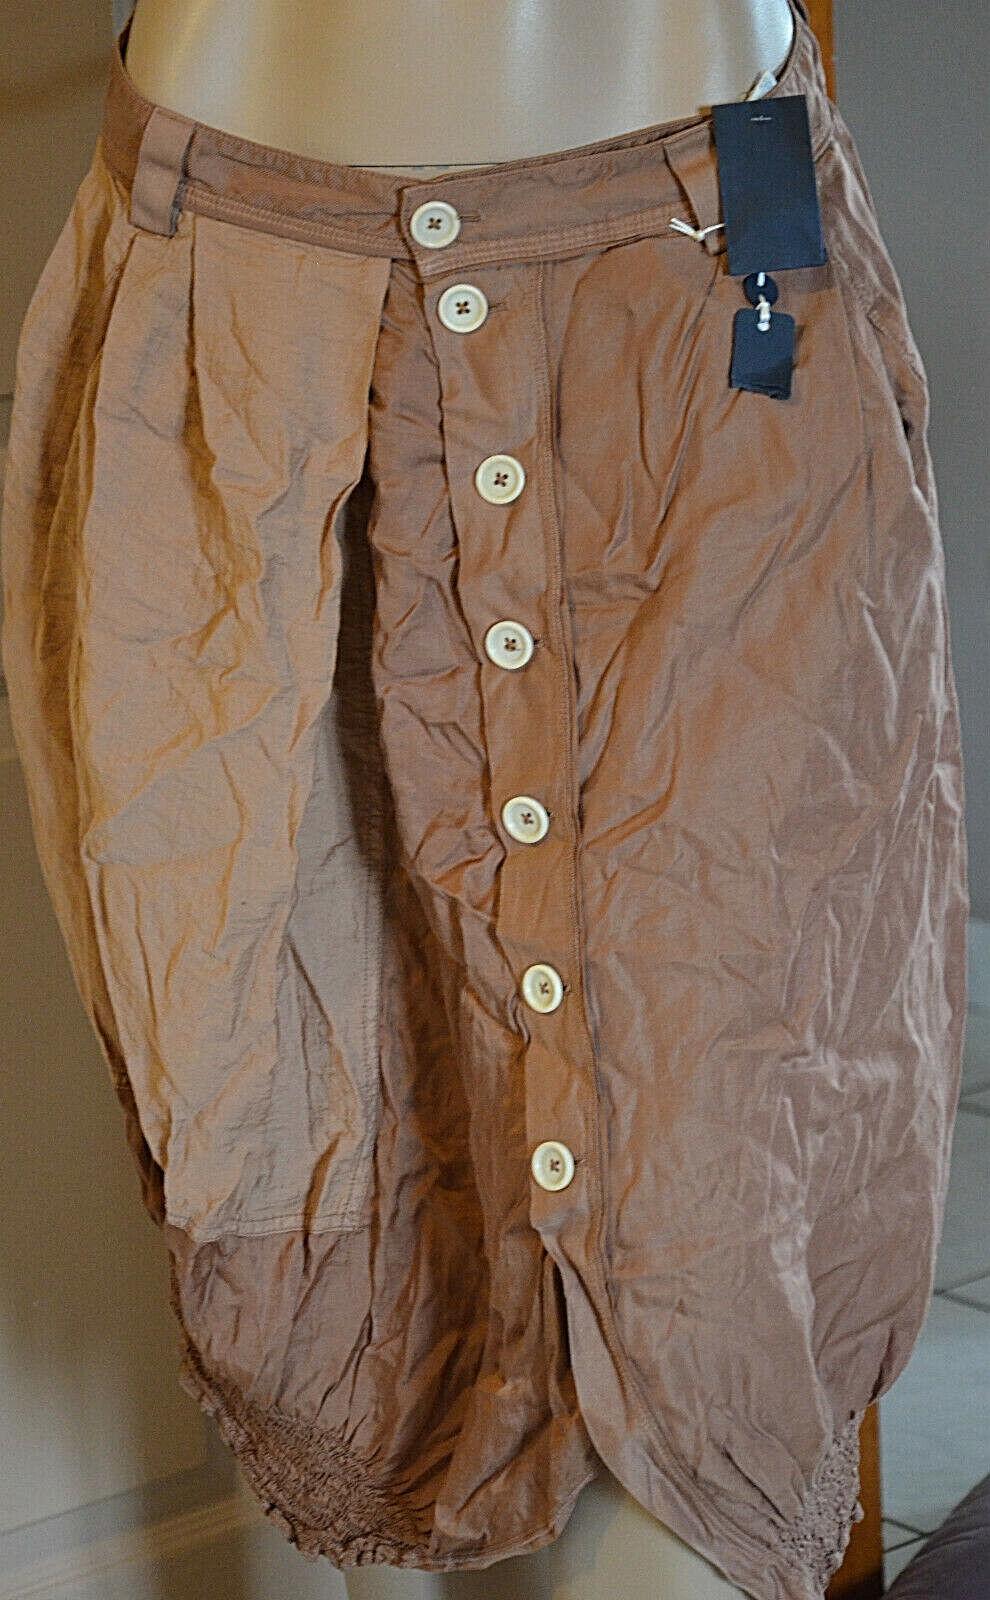 Luxueuse jupe asymétrique Marronee cuivré HIGH USE USE USE Dimensione 36 fr 40i TOUTE NEUVE 0bcb95